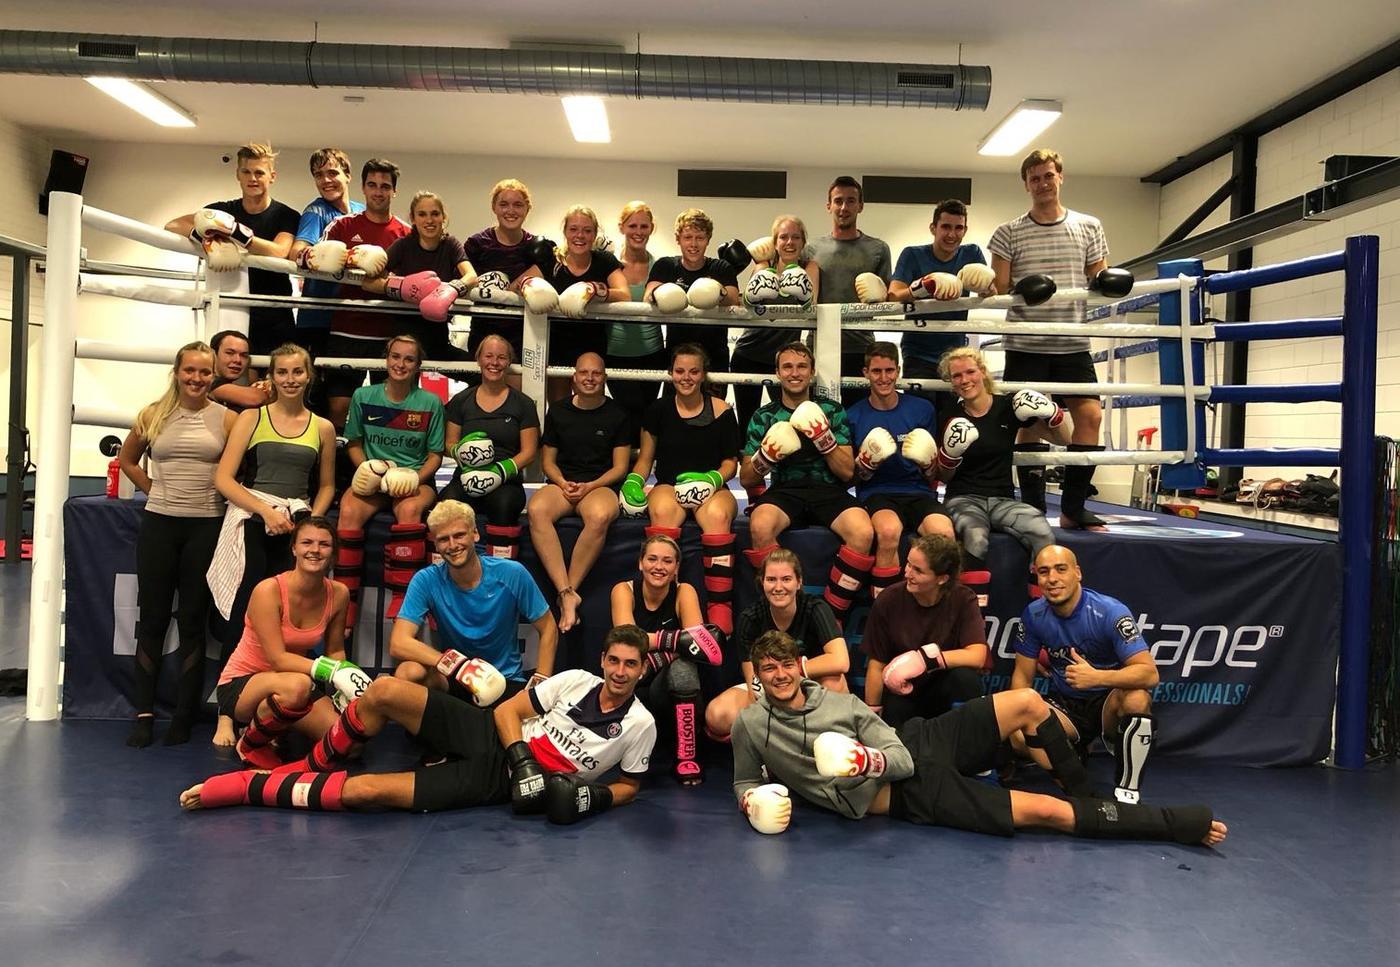 Groepsfoto_boksen.jpeg